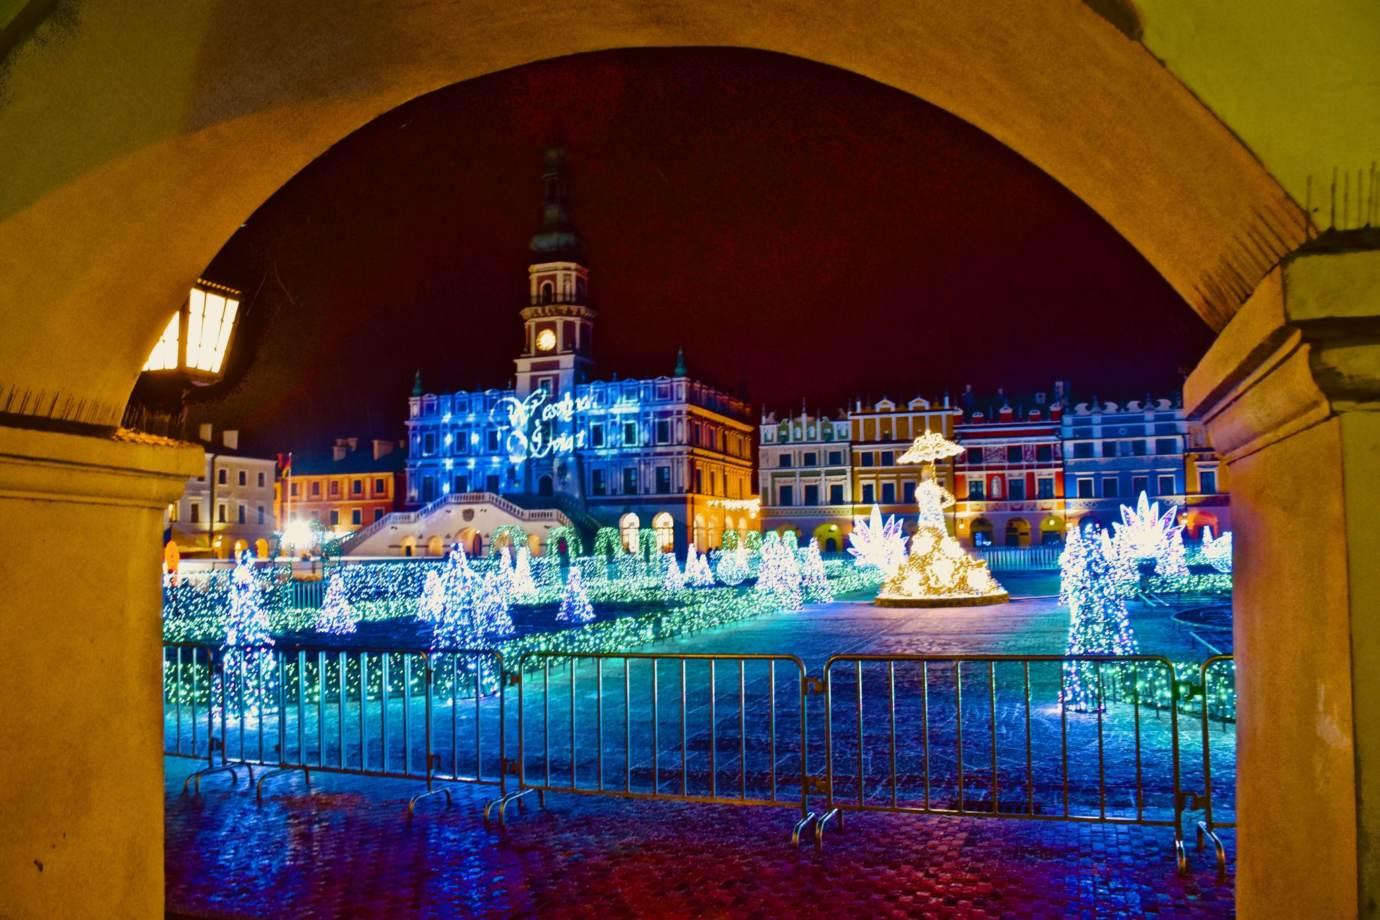 dsc 3960 Świetlny labirynt w sercu miasta. Zamość uroczyście odpali świąteczne iluminacje